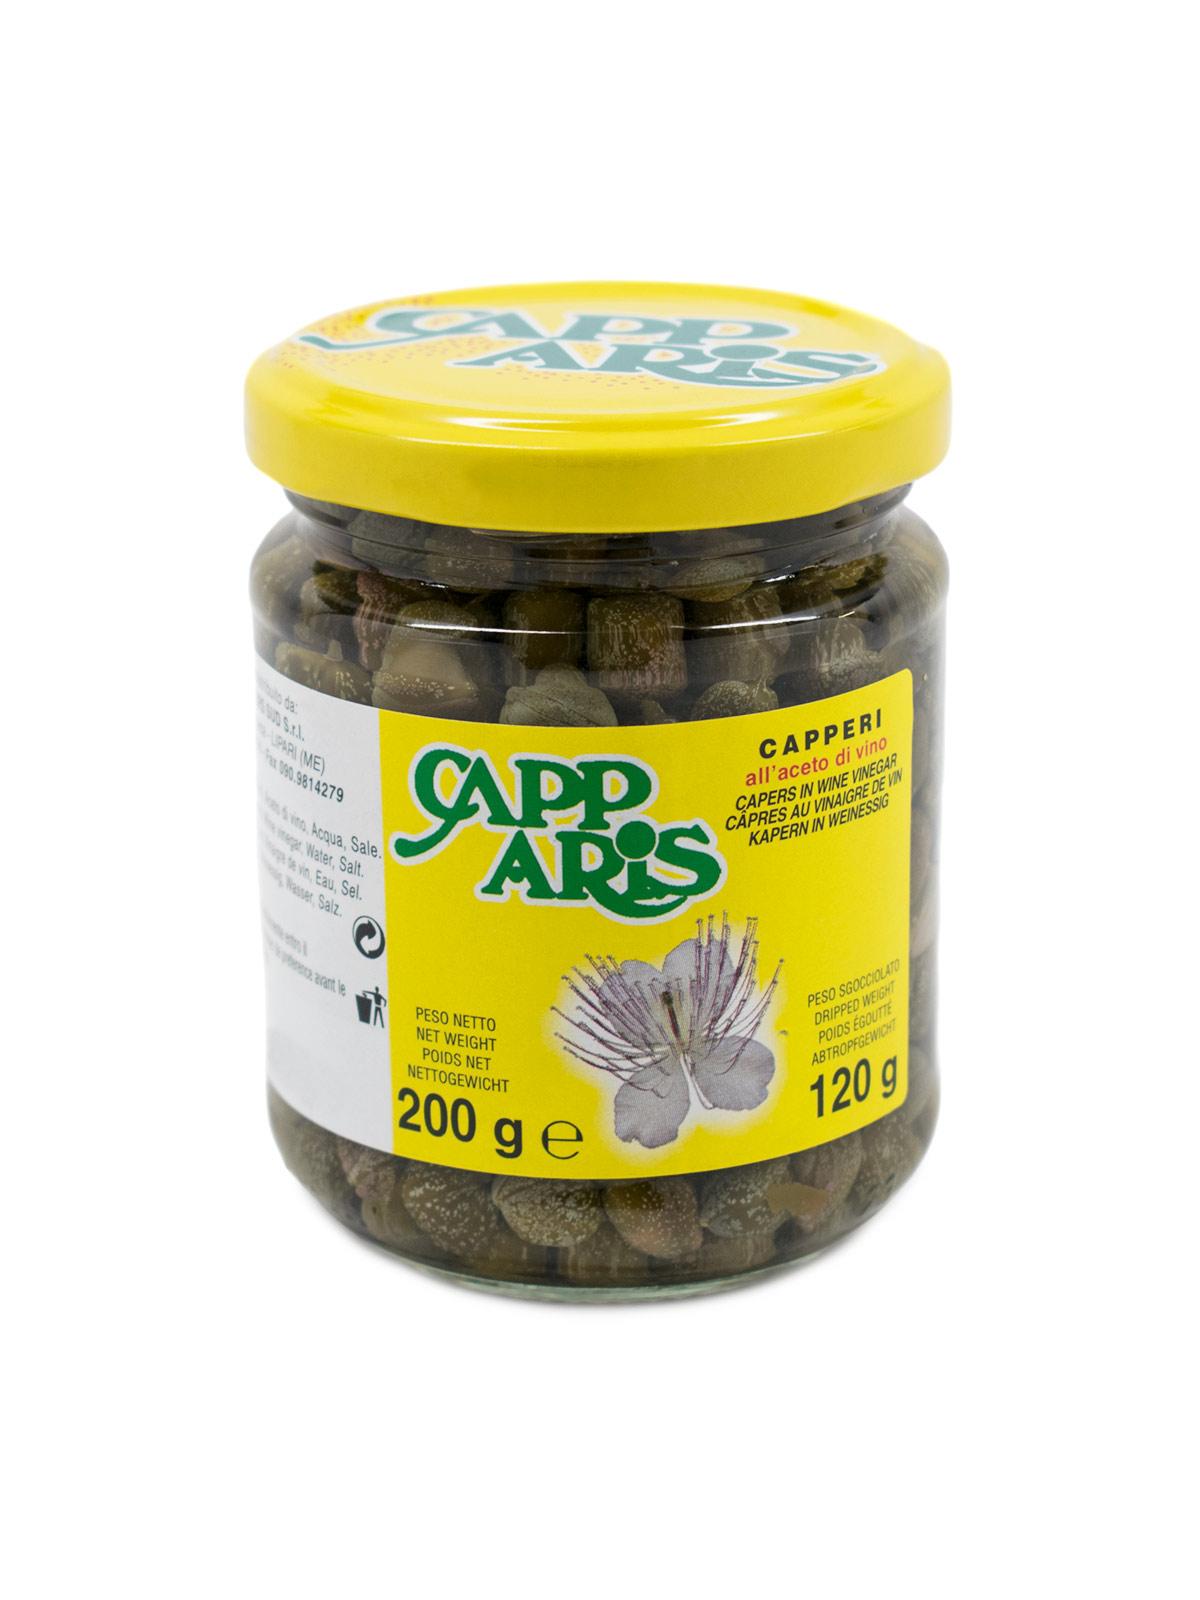 Capers in Vinegar #8/9 - Pantry - Buon'Italia